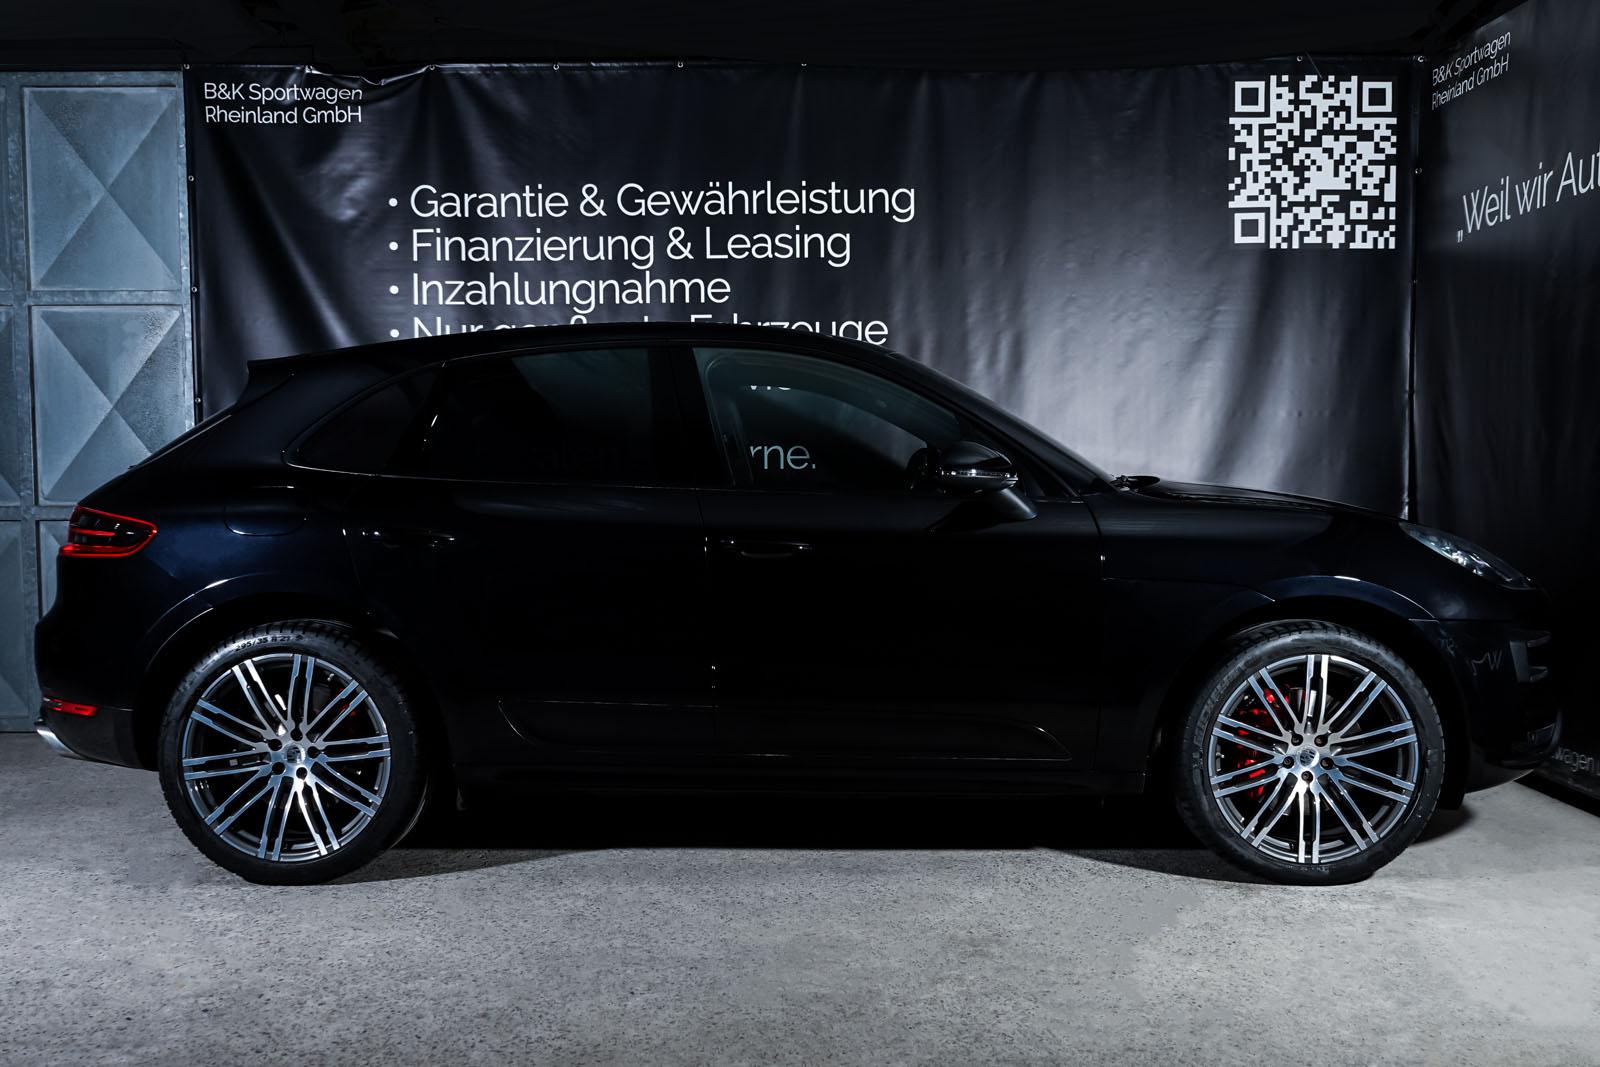 Porsche_Macan_TurboS_Schwarz_Schwarz_POR-2871_15_w